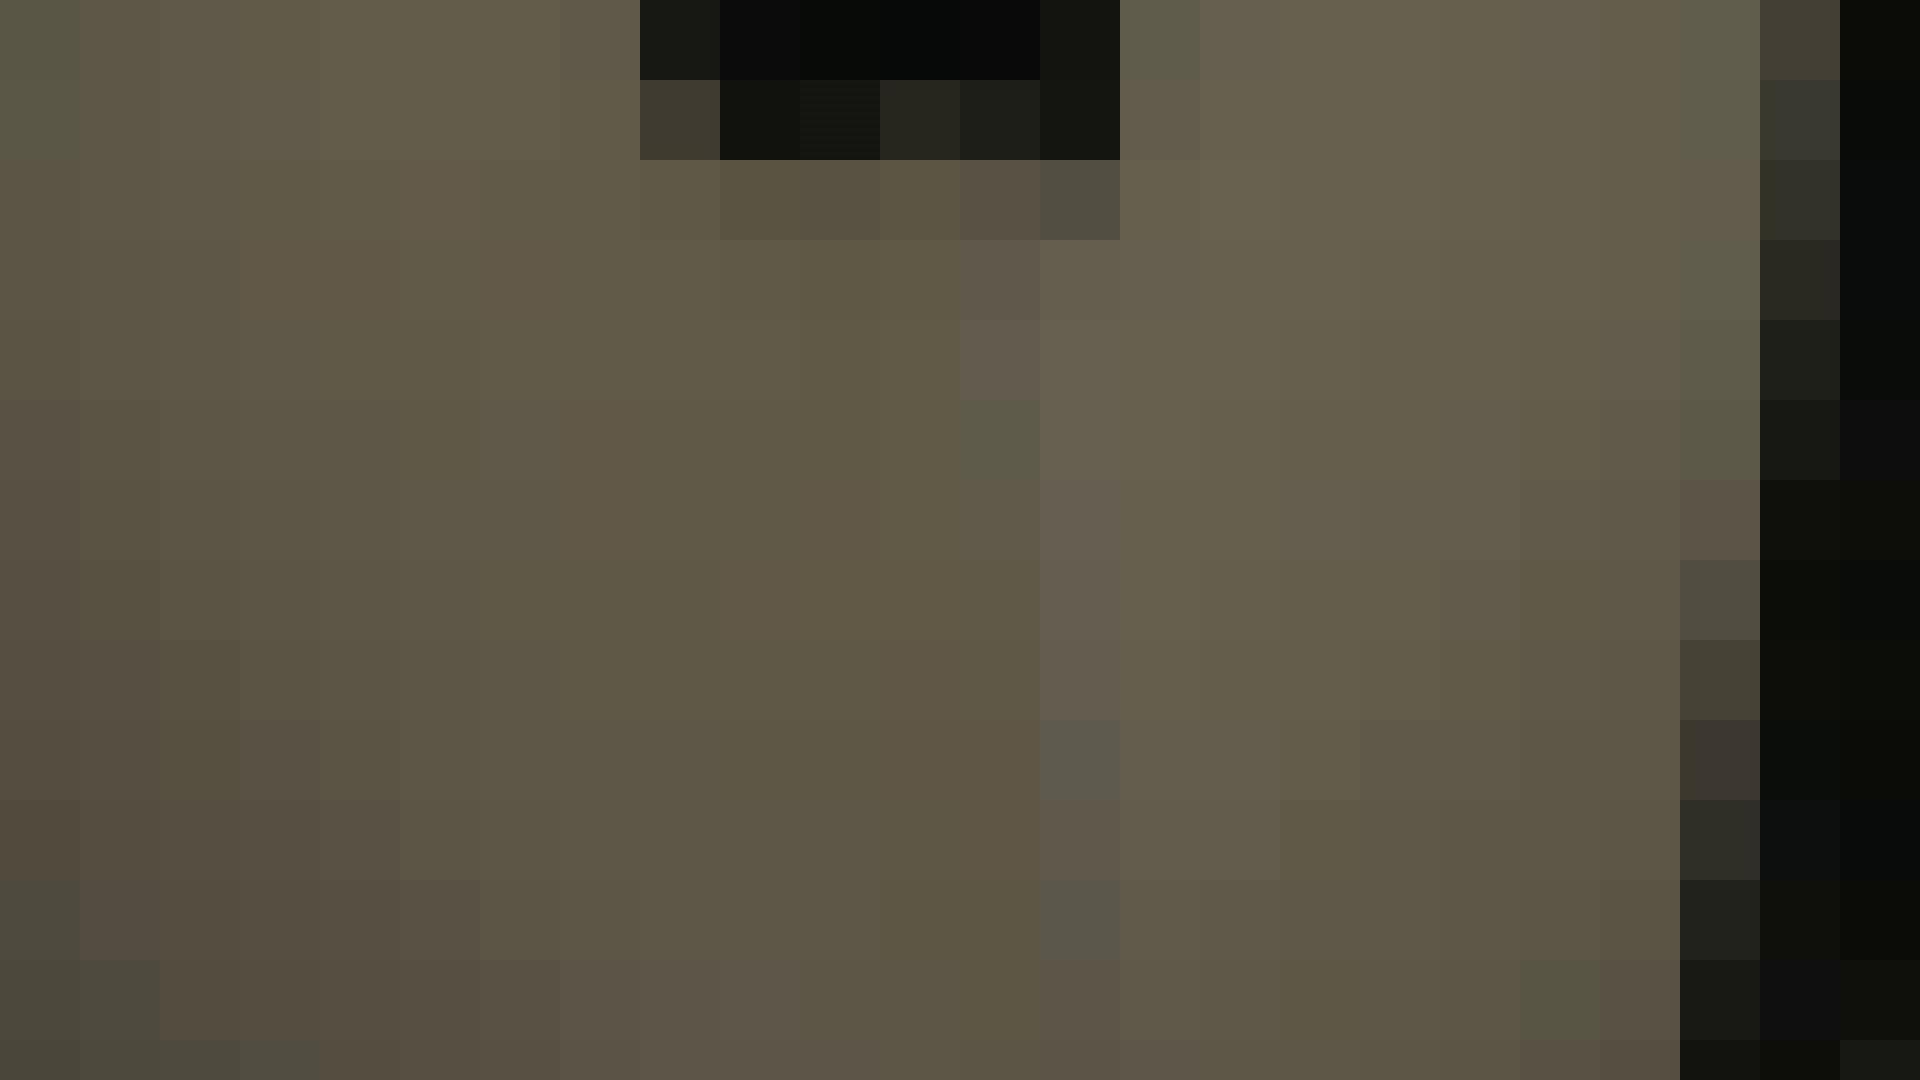 お市さんの「お尻丸出しジャンボリー」No.4 盛合せ SEX無修正画像 104画像 2